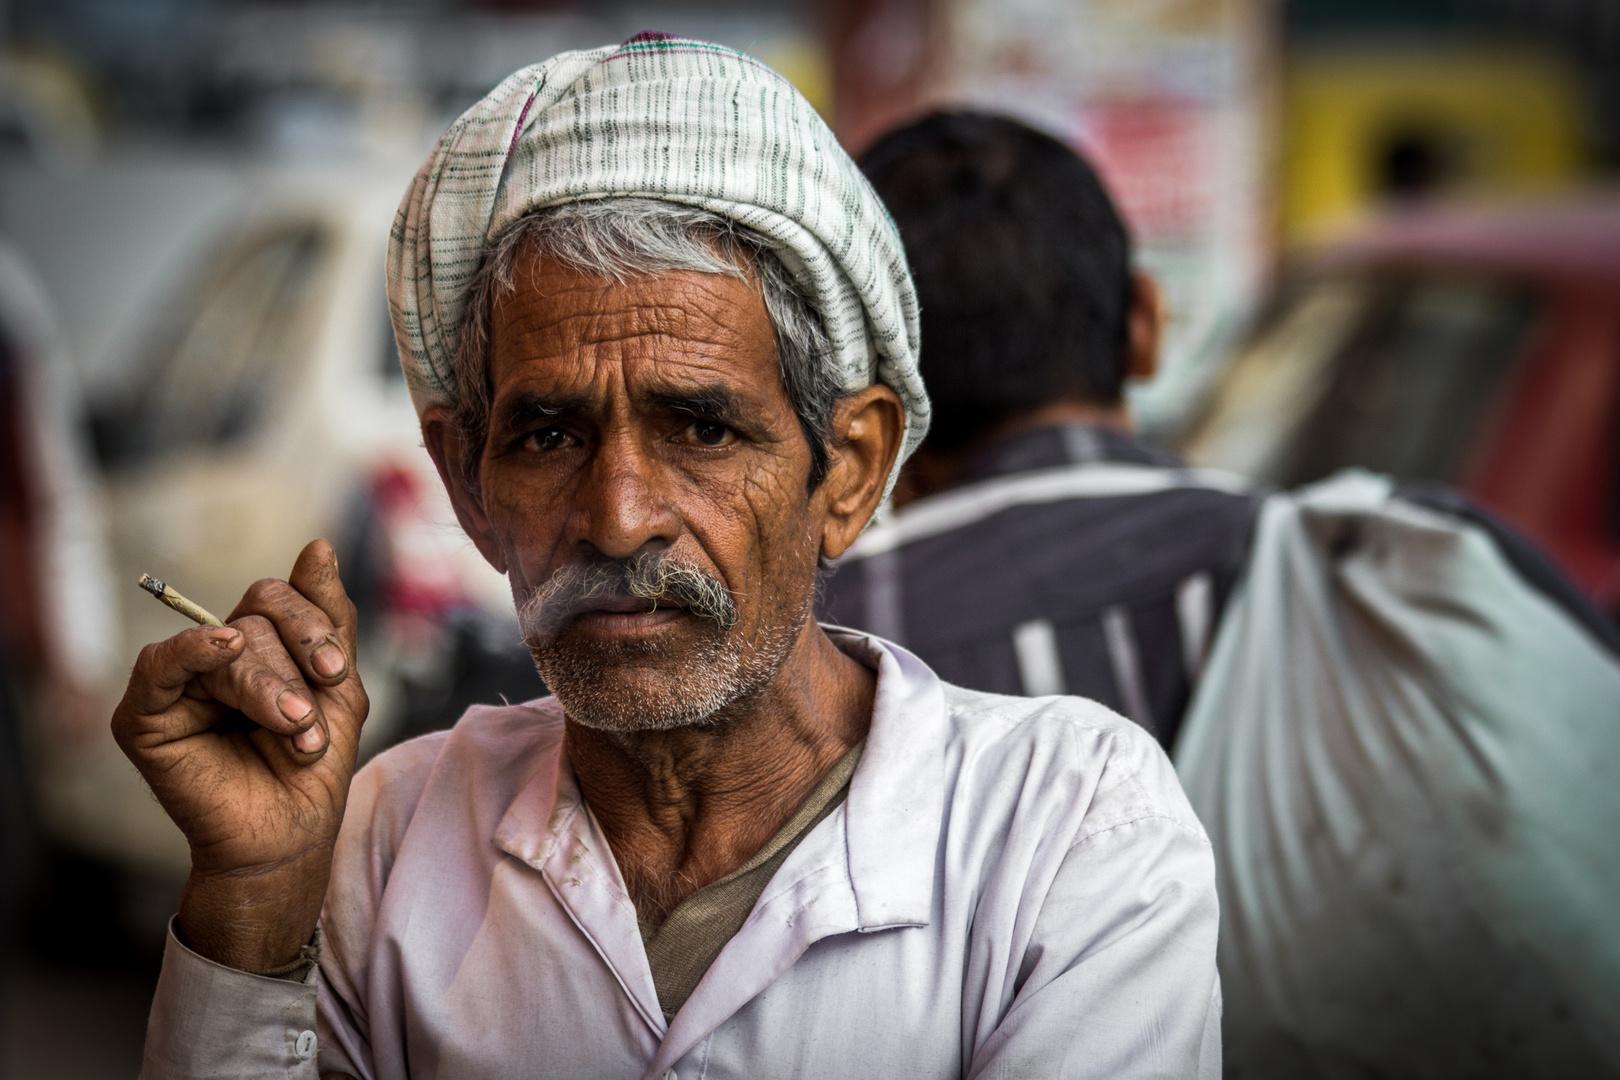 Auf der Straße in Delhi